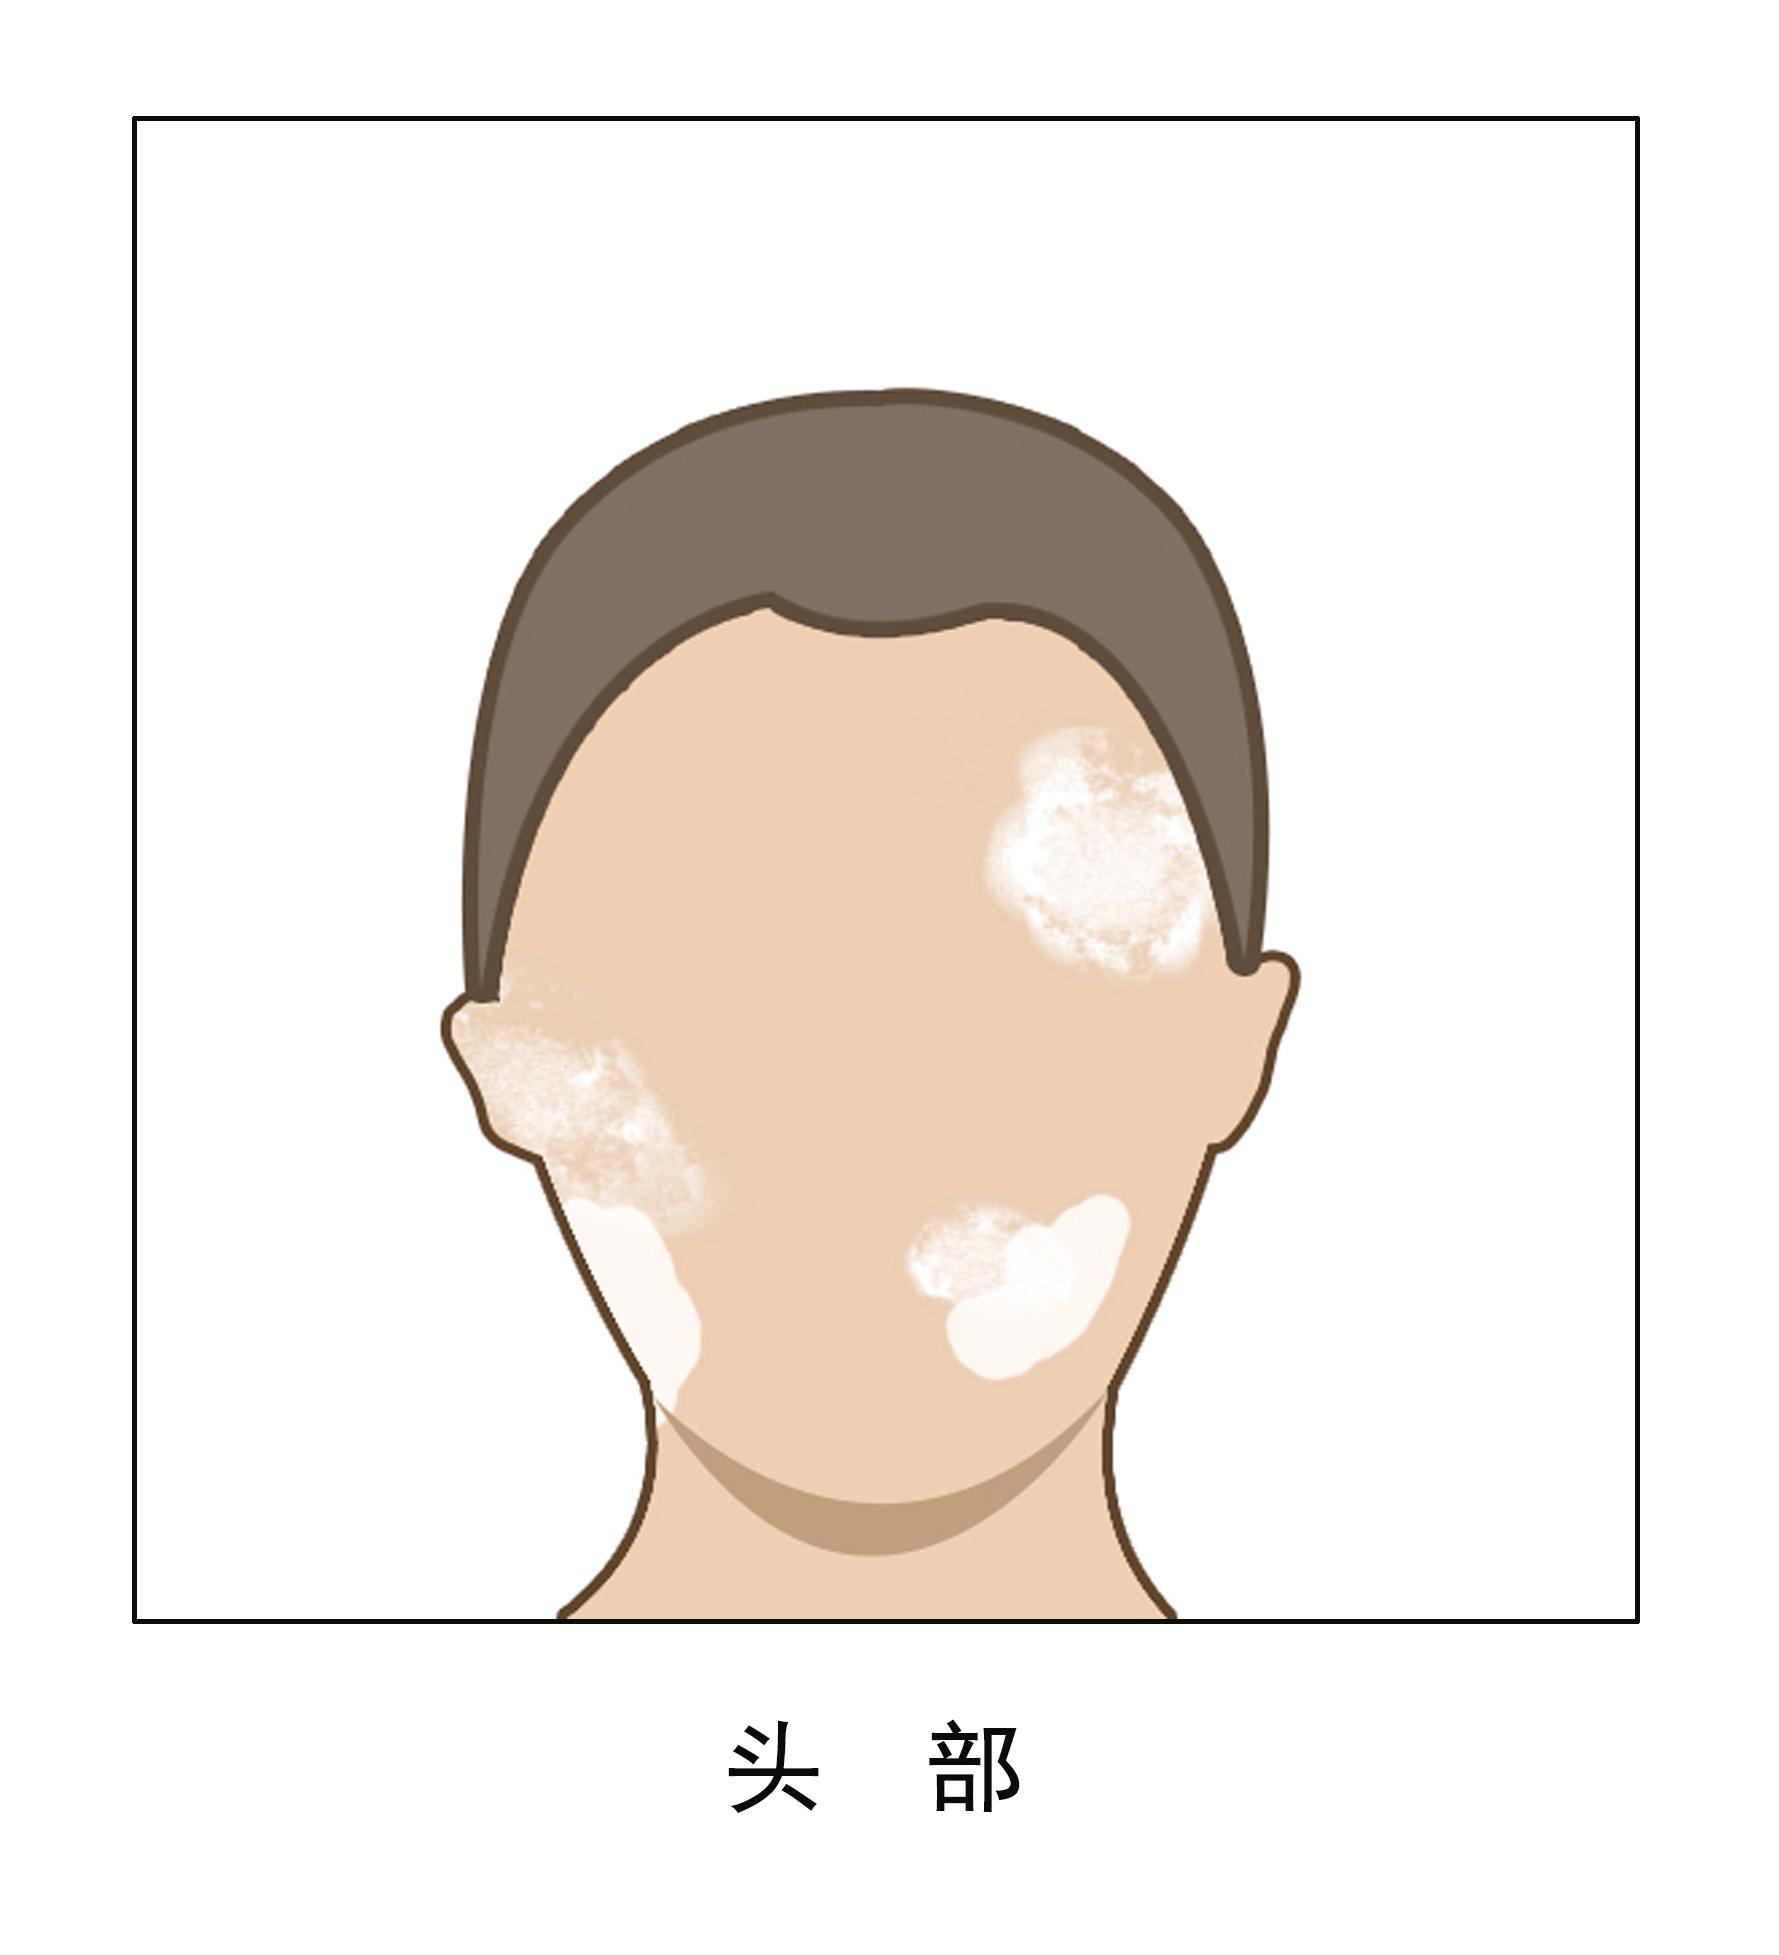 昆明白斑医院推毛春光:头部护理要注意些什么